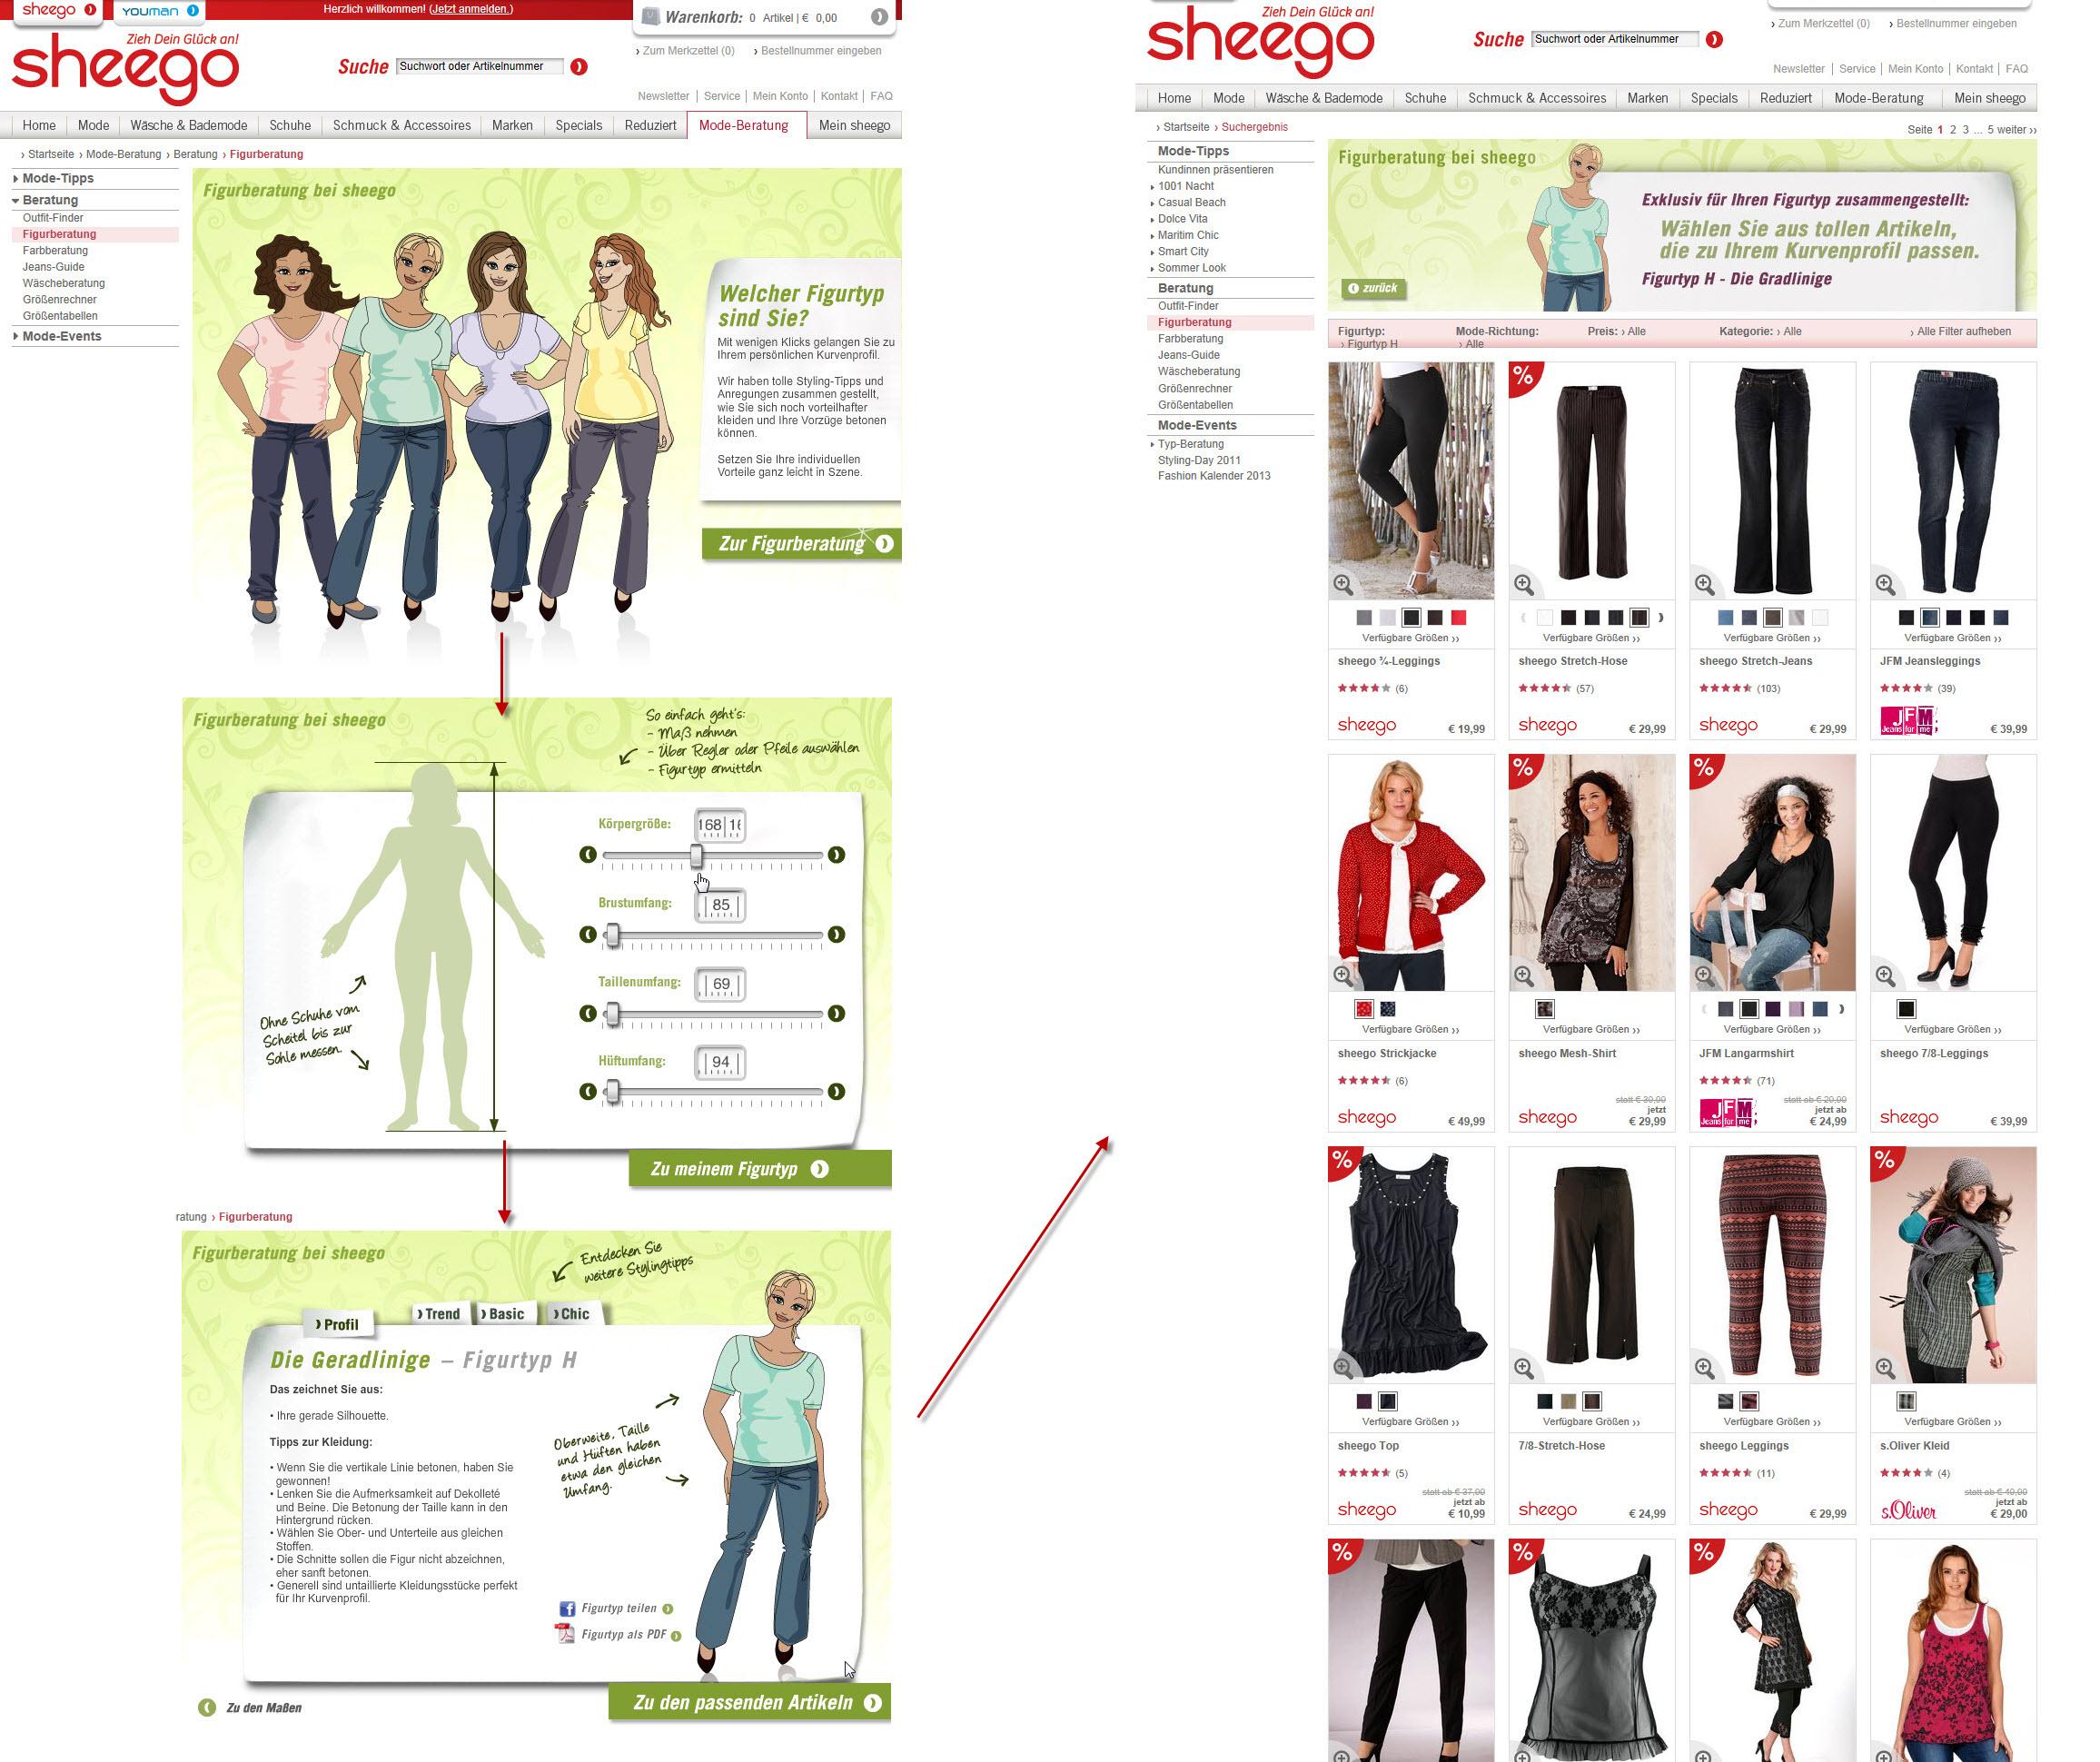 Onlinestilberater , Eine echte Hilfe , Usabilityblog.de